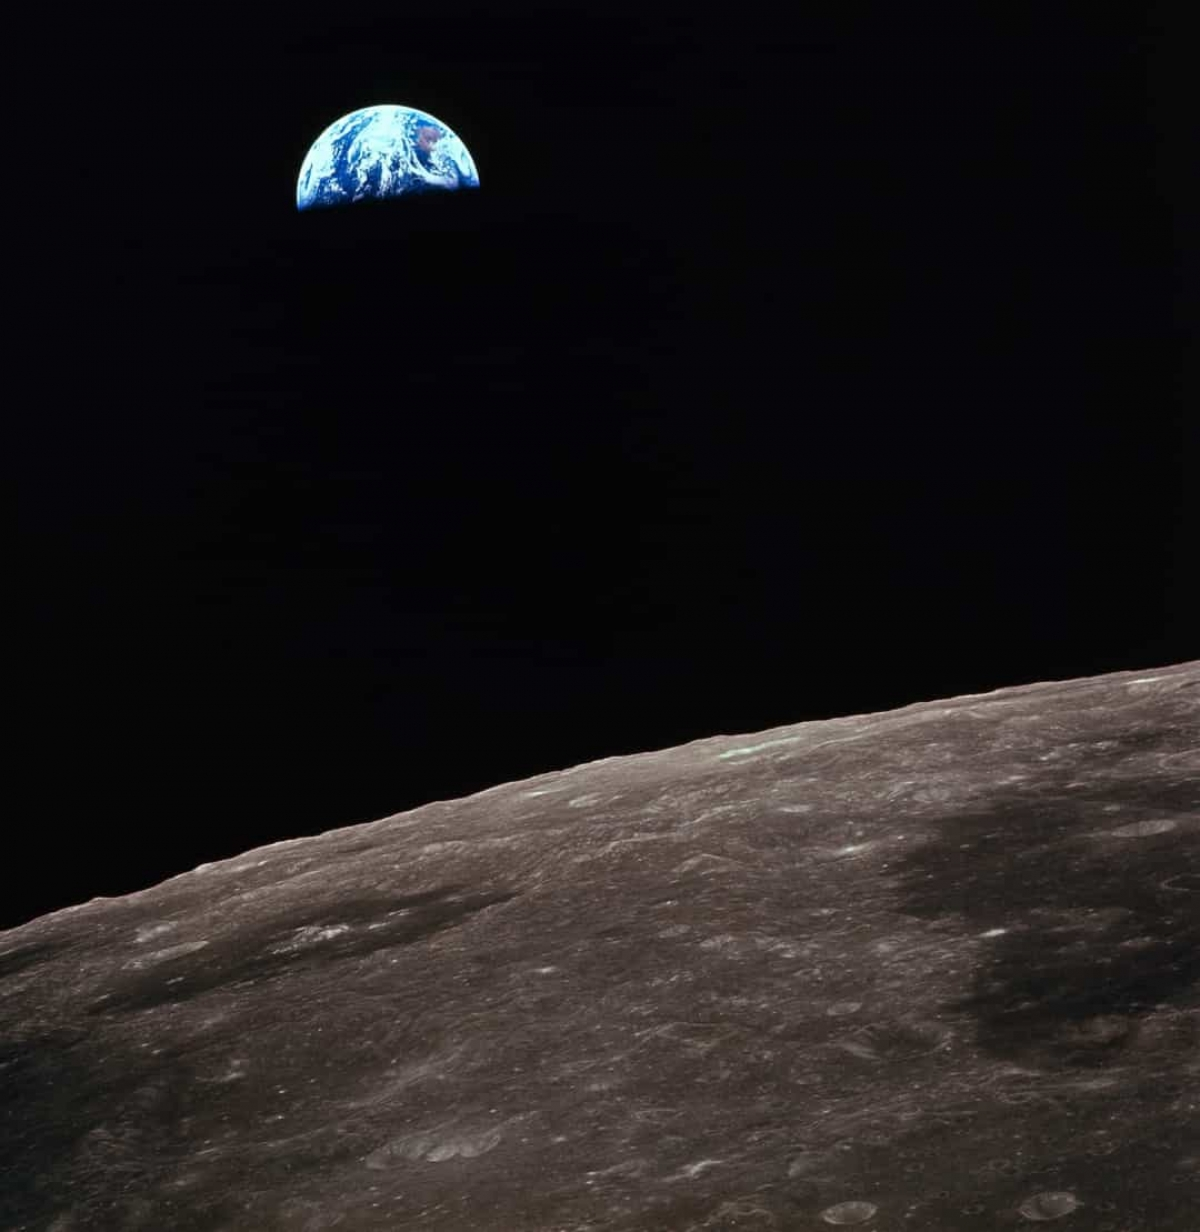 Mặt Trăng có thể giúp ước tính tuổi của các hành tinh khác. DoMặt Trăng có lớp vỏ được bảo vệ tốt nên nó cho phép nghiên cứu độ tuổi của các bề mặt khác nhau và có thể sử dụng dữ liệu để ước tính tuổi của các hành tinh khác trong Hệ Mặt Trời.